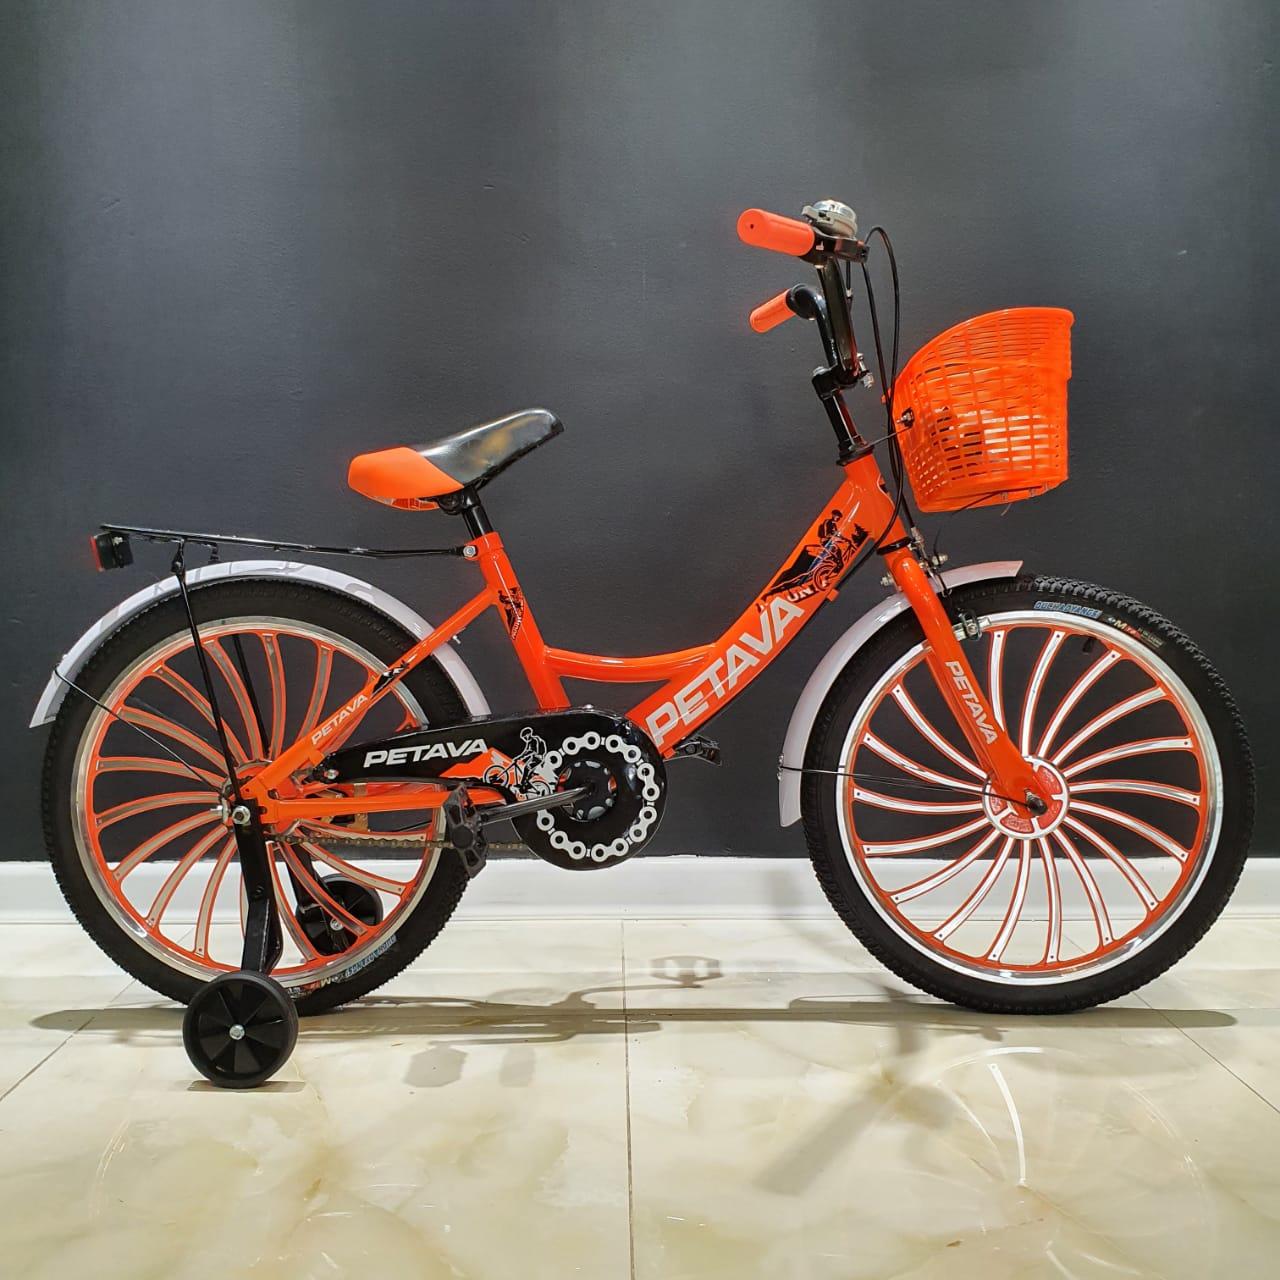 Велосипед детский Petava 20-09